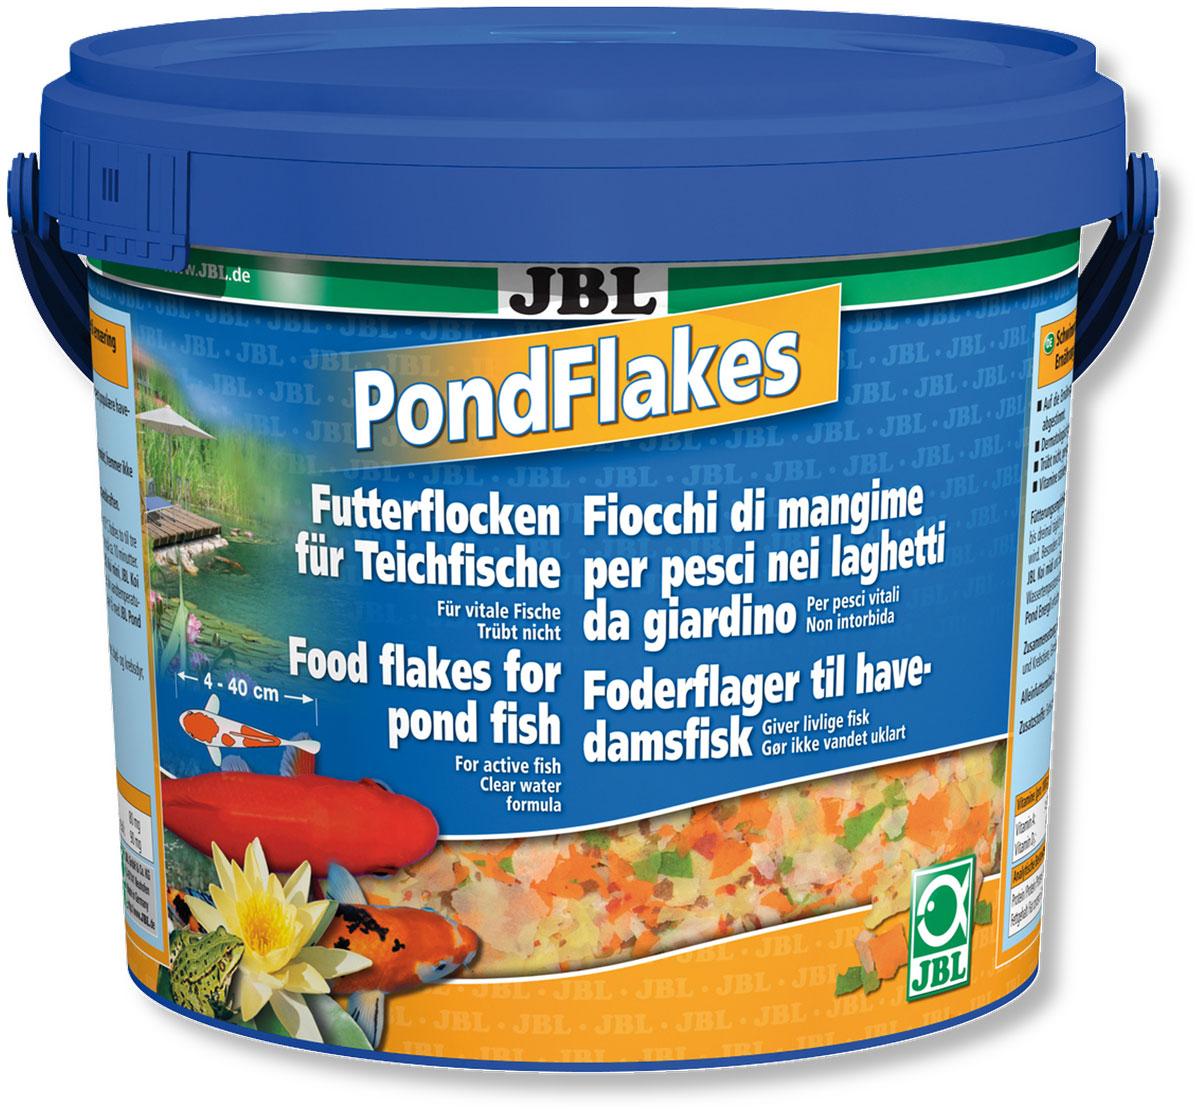 Корм JBL Pond Flakes для прудовых рыб, в форме хлопьев, 770 г (5,5 л)JBL4019700Основной корм JBL Pond Flakes предназначен для всех прудовых рыб от 4 до 40 см в длину. Смесь различных высокоценных и легкоусваиваемых хлопьев, которая составлена с учетом питательных потребностей большинства рыб, обитающих в садовом пруду, в теплое время года. Корм содержит все необходимые компоненты полноценного питания, такие как белок, углеводы, пищевые волокна, и жир в сбалансированном соотношении. Плавающие хлопья охотно поглощаются рыбами всех размеров. Жизненно важные витамины укрепляют иммунитет. Рекомендации по кормлению: в теплое время года 1-2 раза в день столько корма, сколько может быть съедено в течении 10 минут. Состав: рыба и рыбные побочные продукты, растительные побочные продукты, овощи, злаки, моллюски и ракообразные. Анализ: белок - 12%, жир - 2%, клетчатка - 1%, зола - 1,5%. Содержание витаминов на 1 кг: Витамин А 14000 IE, Витамин D3 900 IE, Витамин Е 80 мг, Витамин С 90 мг. Товар...